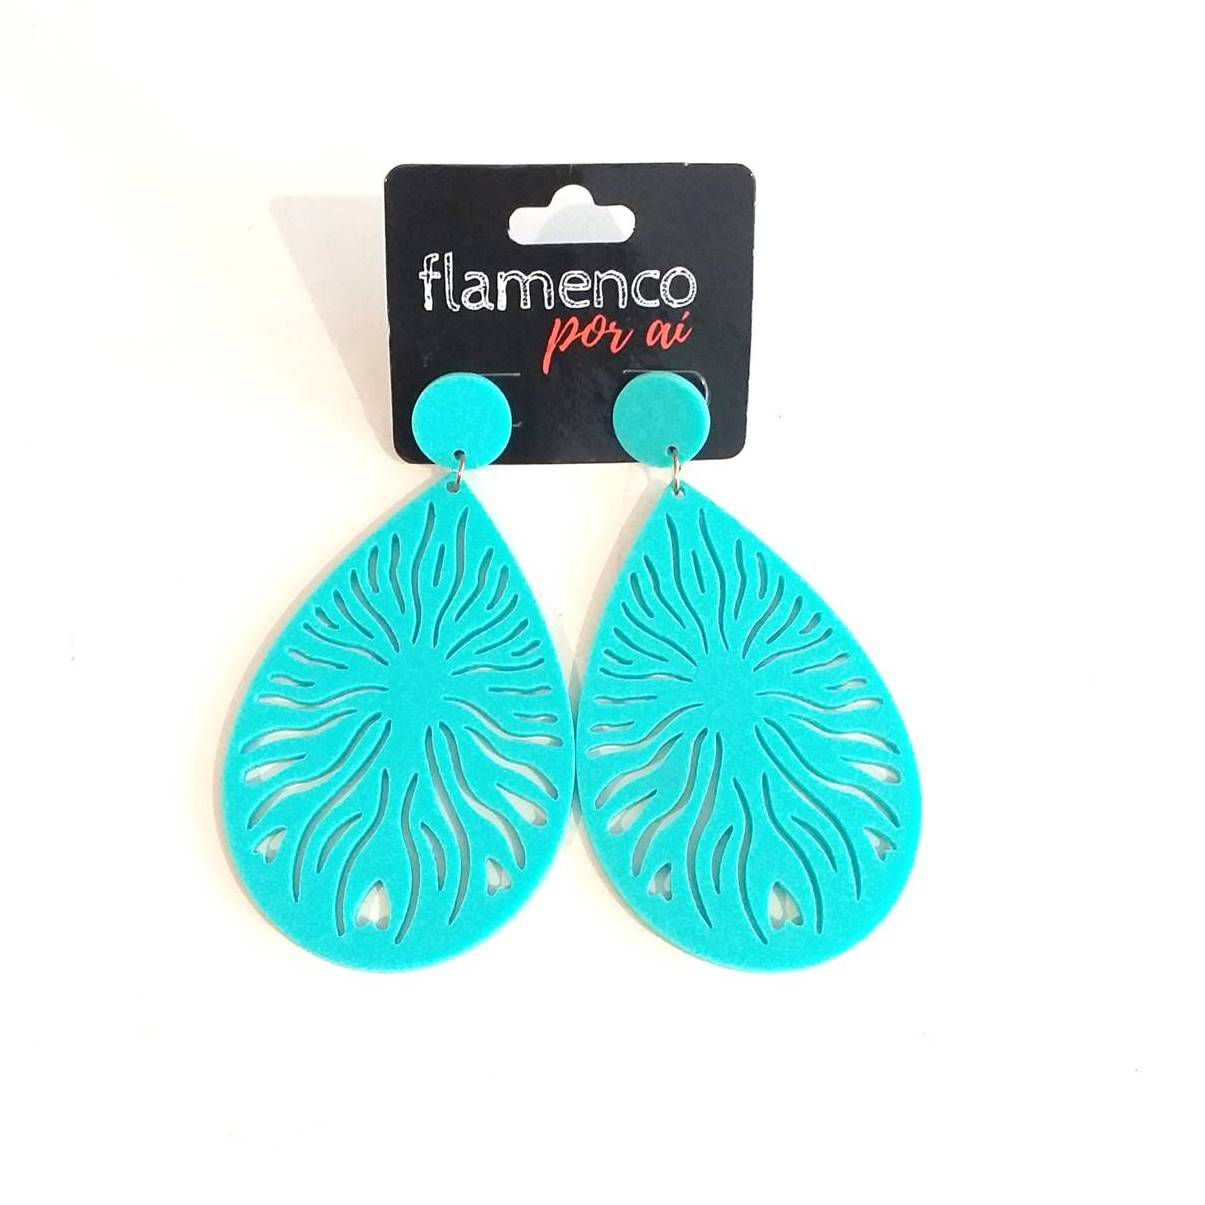 BRINCO flamenco acrílico leve gota vazada 4,5x8cm